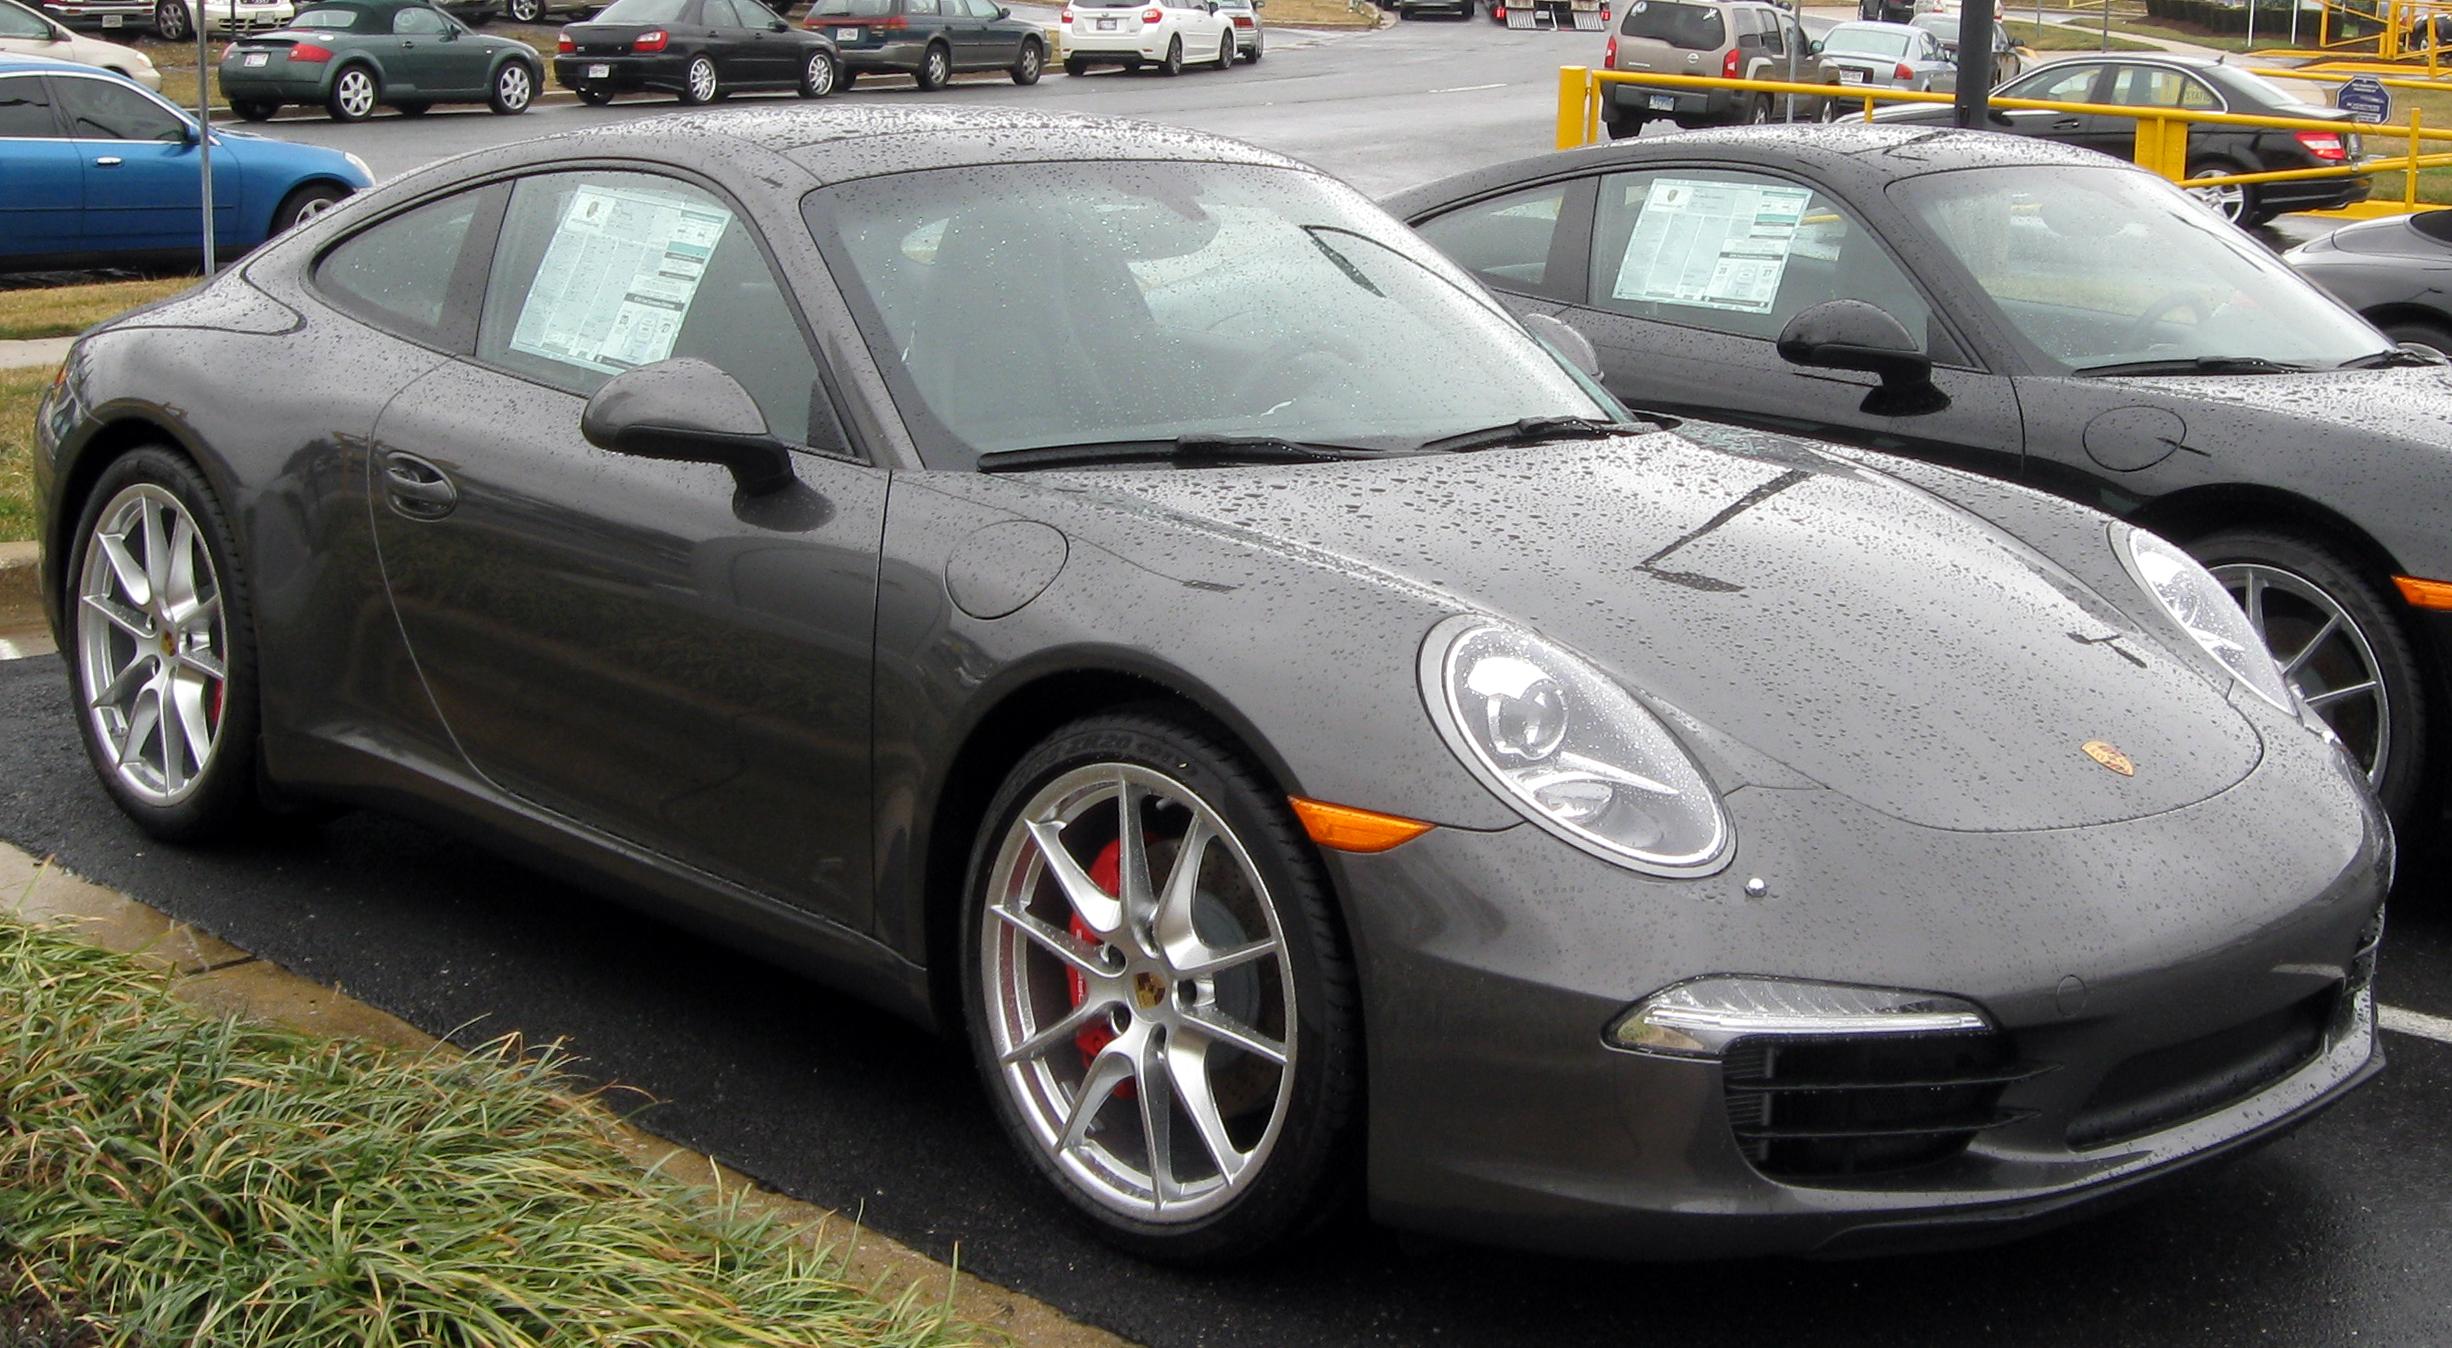 file2012 porsche 911 carrera s 02 29 2012 1